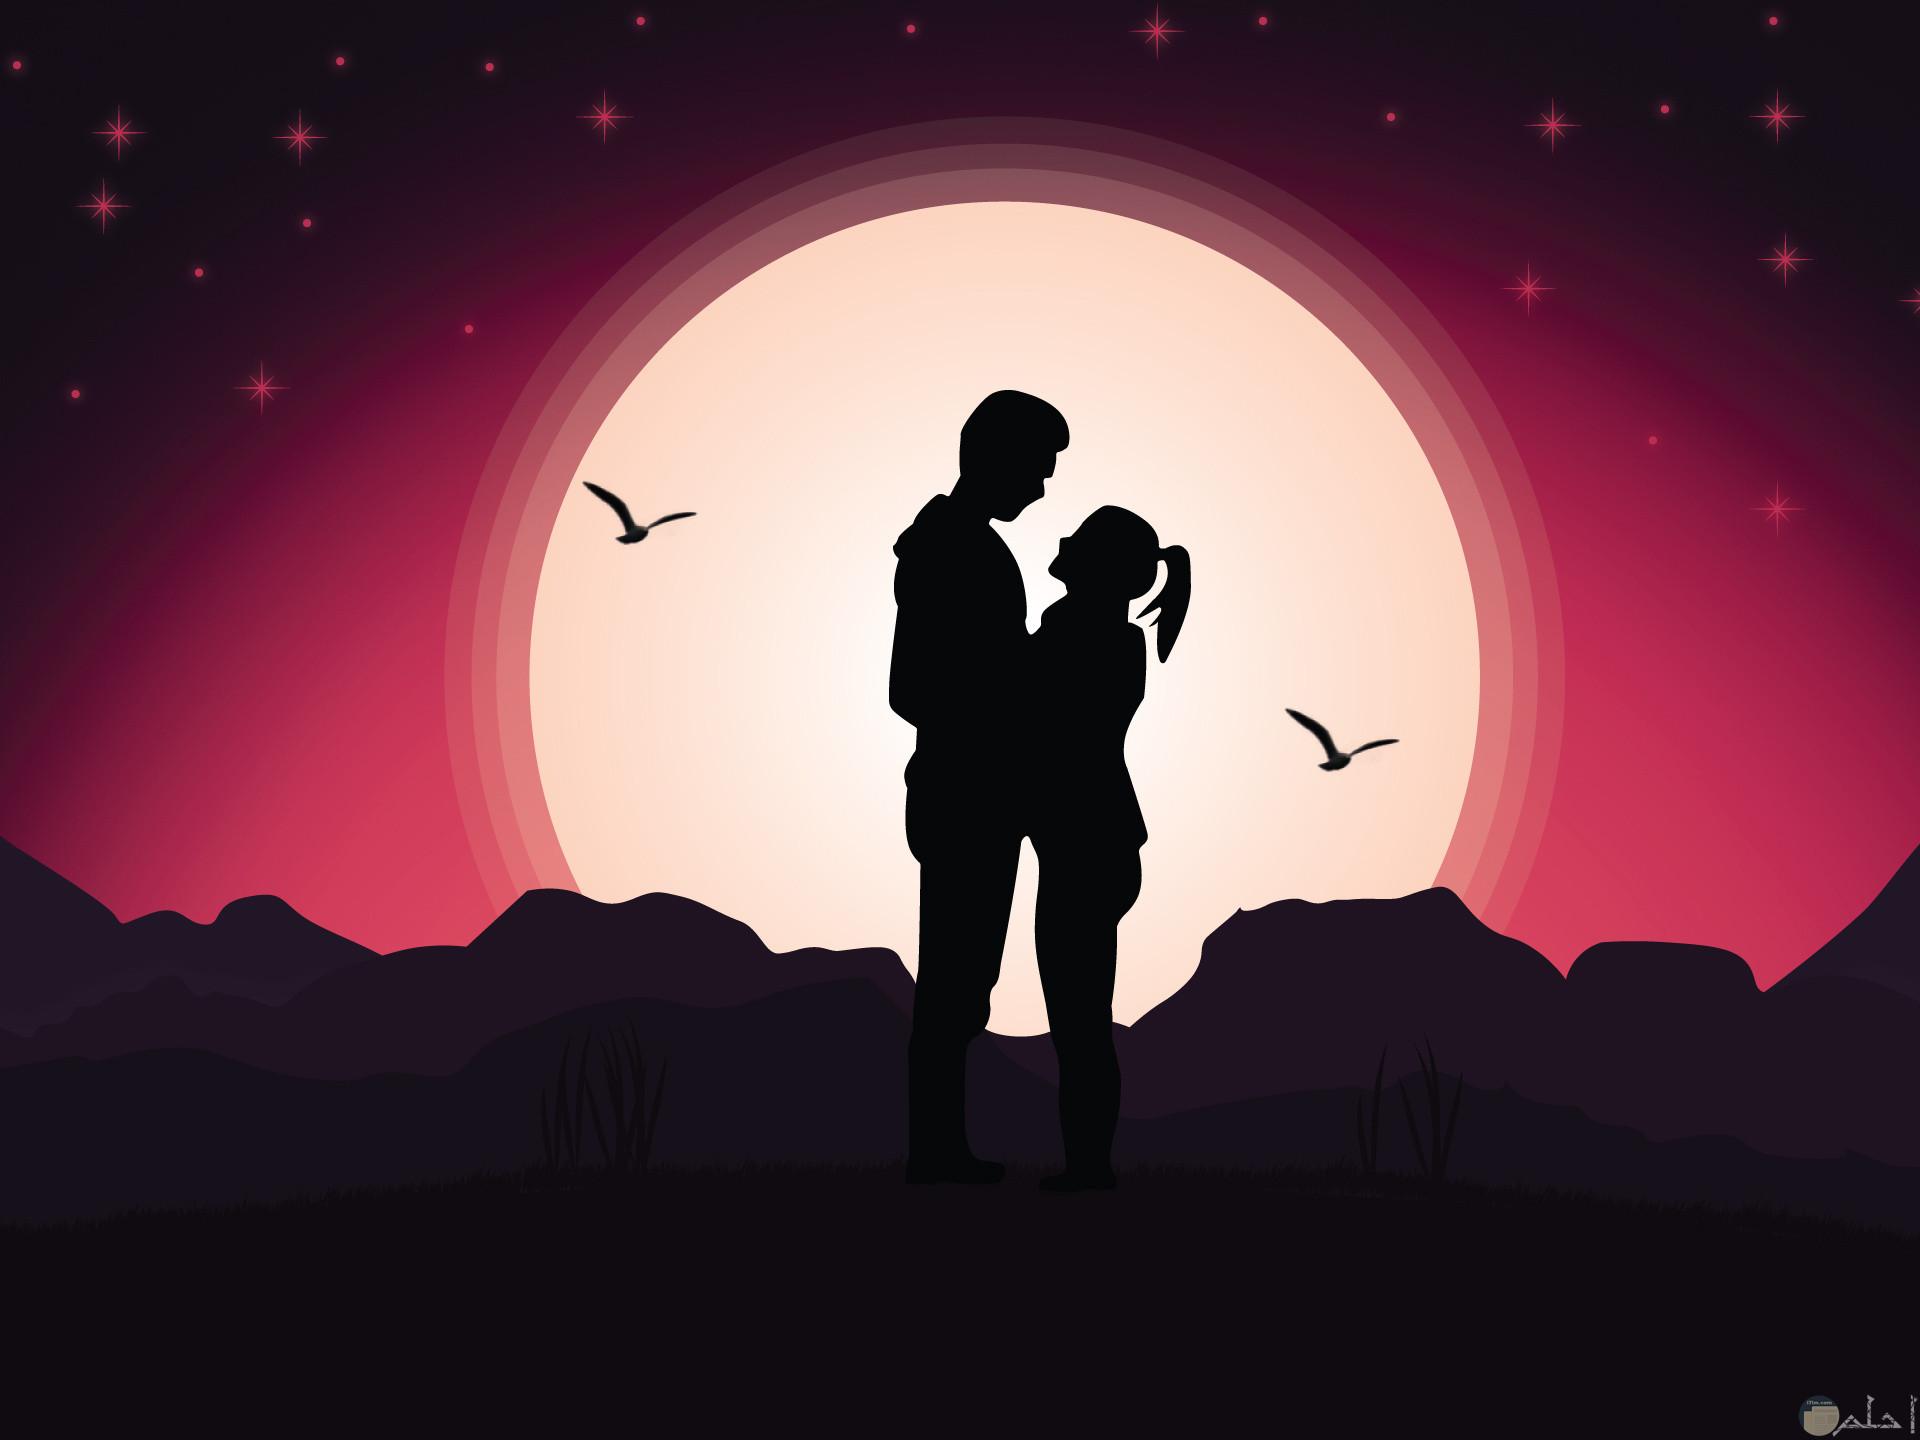 بنت و ولد امام القمر.